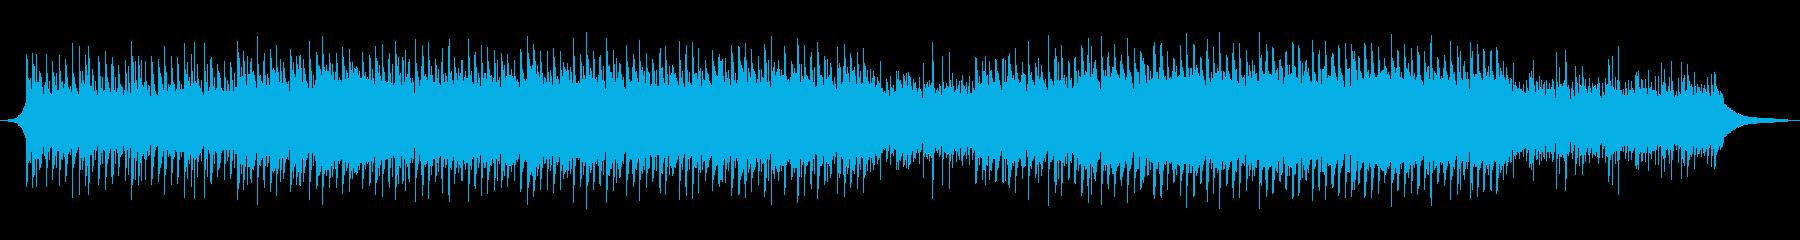 企業VP・製品紹介の再生済みの波形